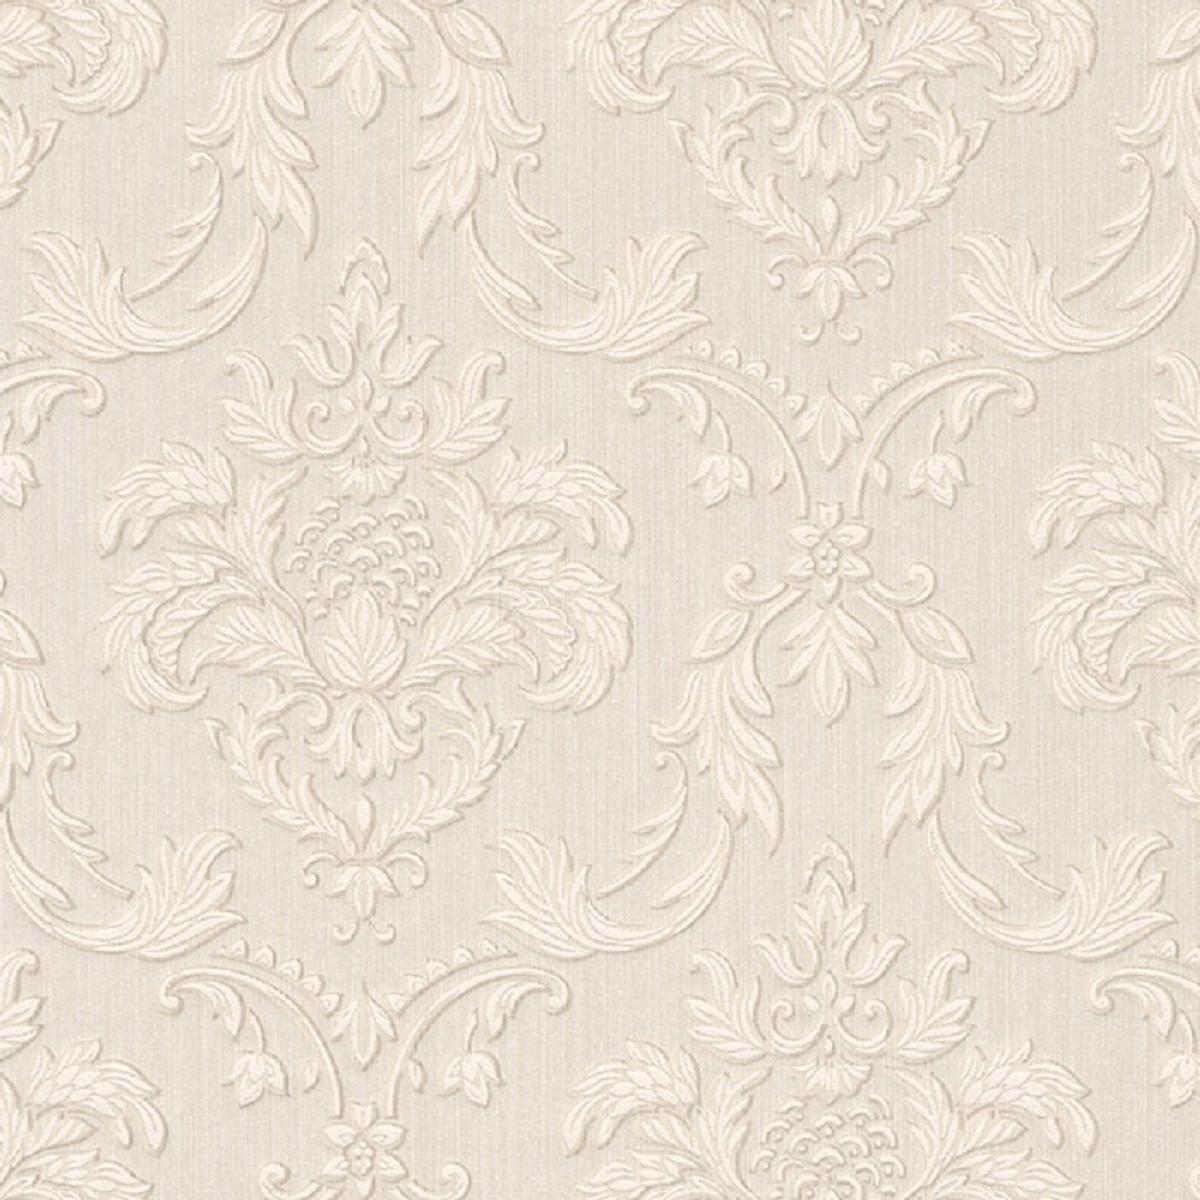 Casa Padrino Barock Textiltapete Creme / Beige / Weiß 10,05 x 0,53 m -  Wohnzimmer Tapete im Barockstil - Hochwertige Qualität